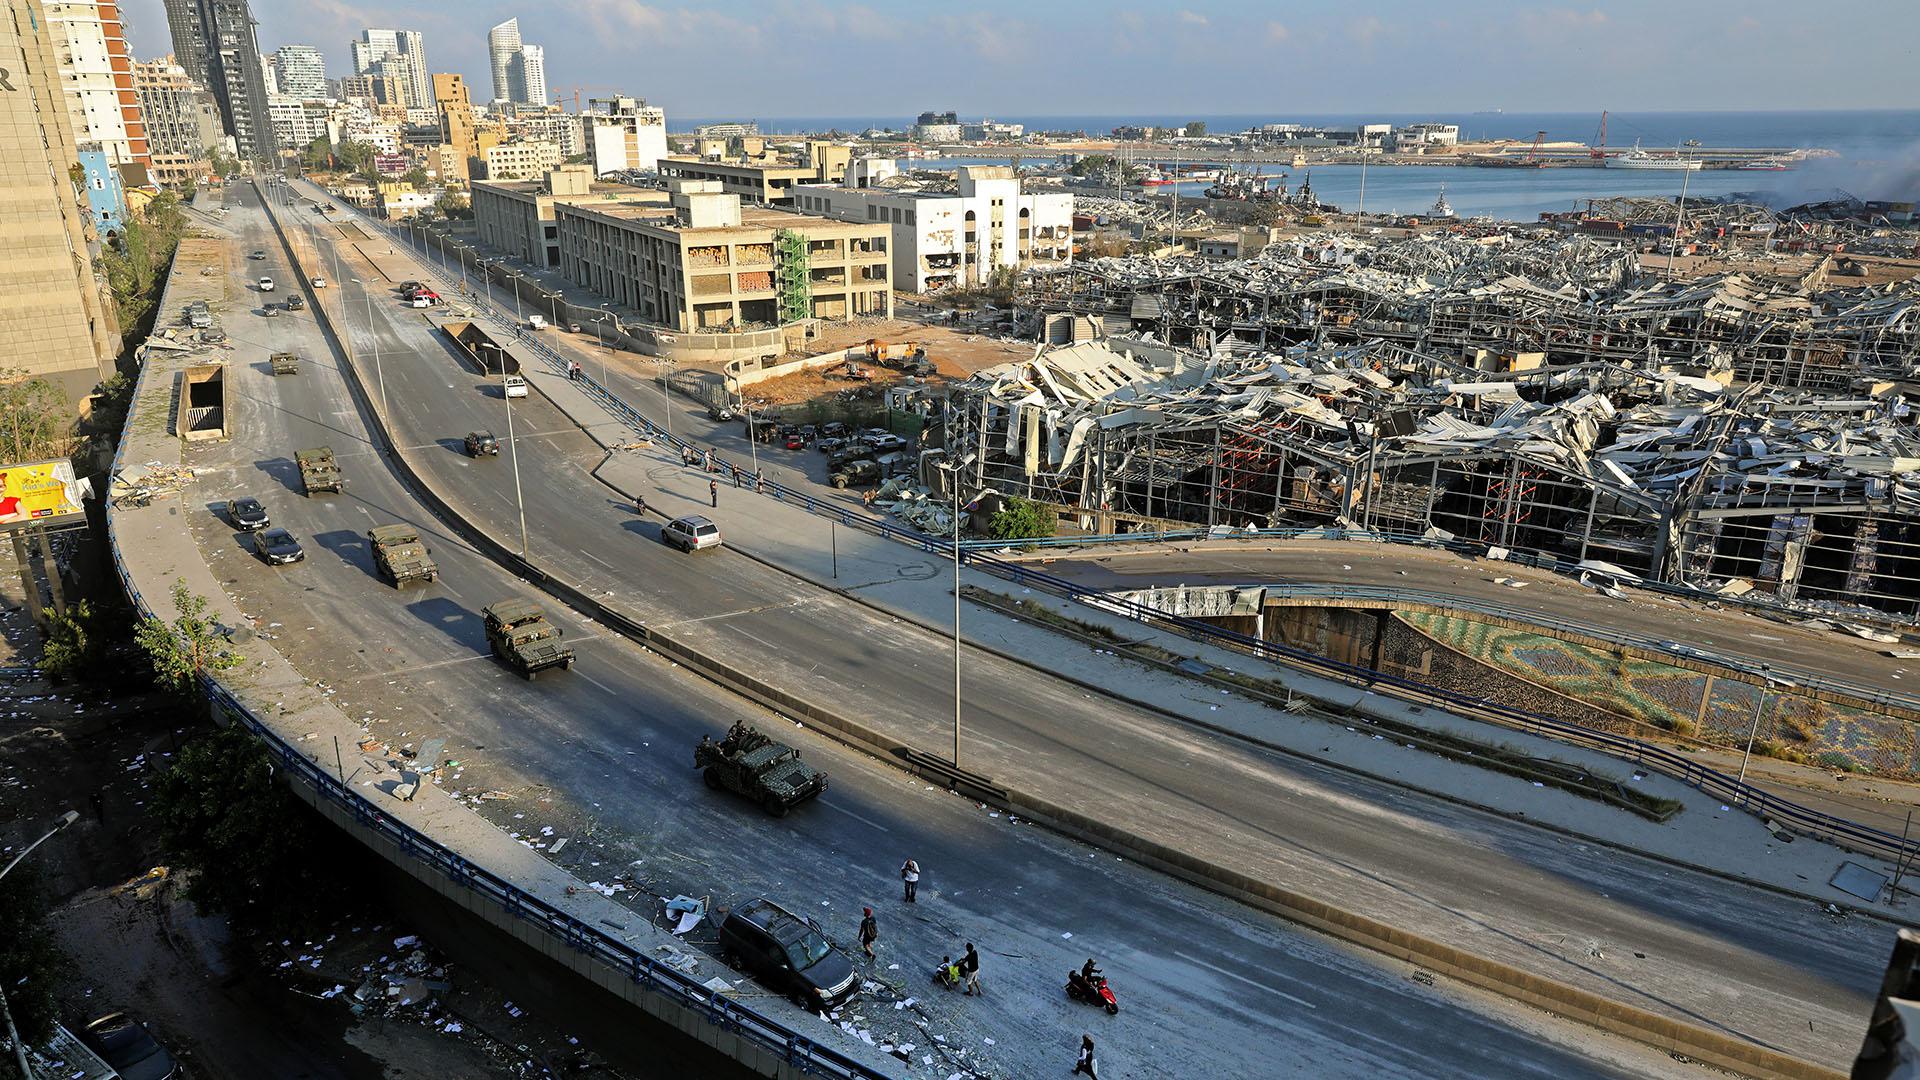 Los rescatistas trabajaron durante toda la noche después de que dos explosiones enormes arrasaron el puerto de Beirut, matando a más de 100 personas e hiriendo a miles (Foto por Anwar AMRO / AFP)